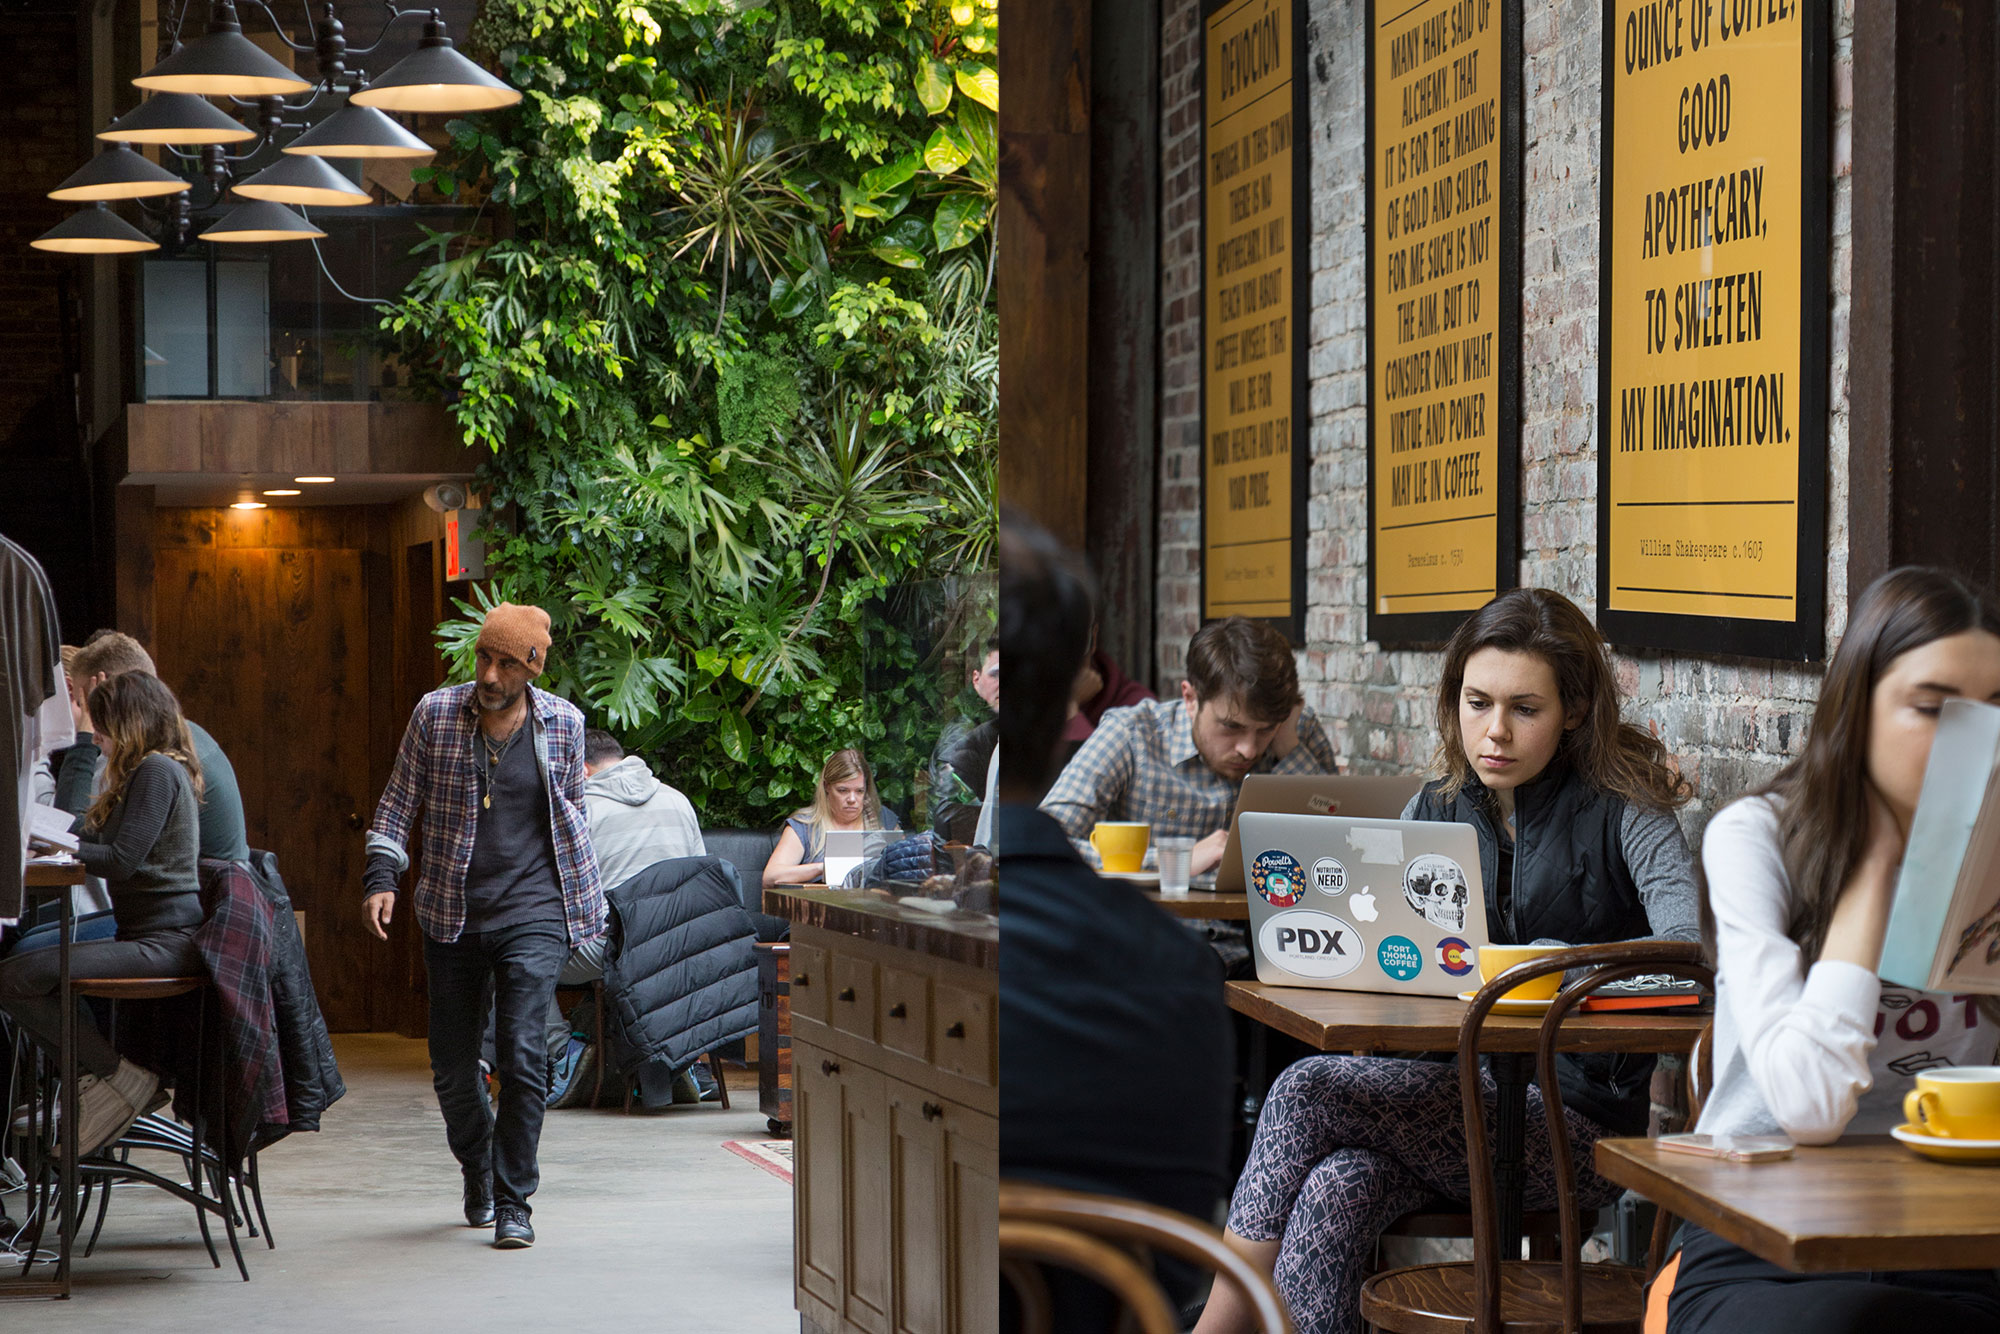 home-devocion-cafes-slide-5.jpg